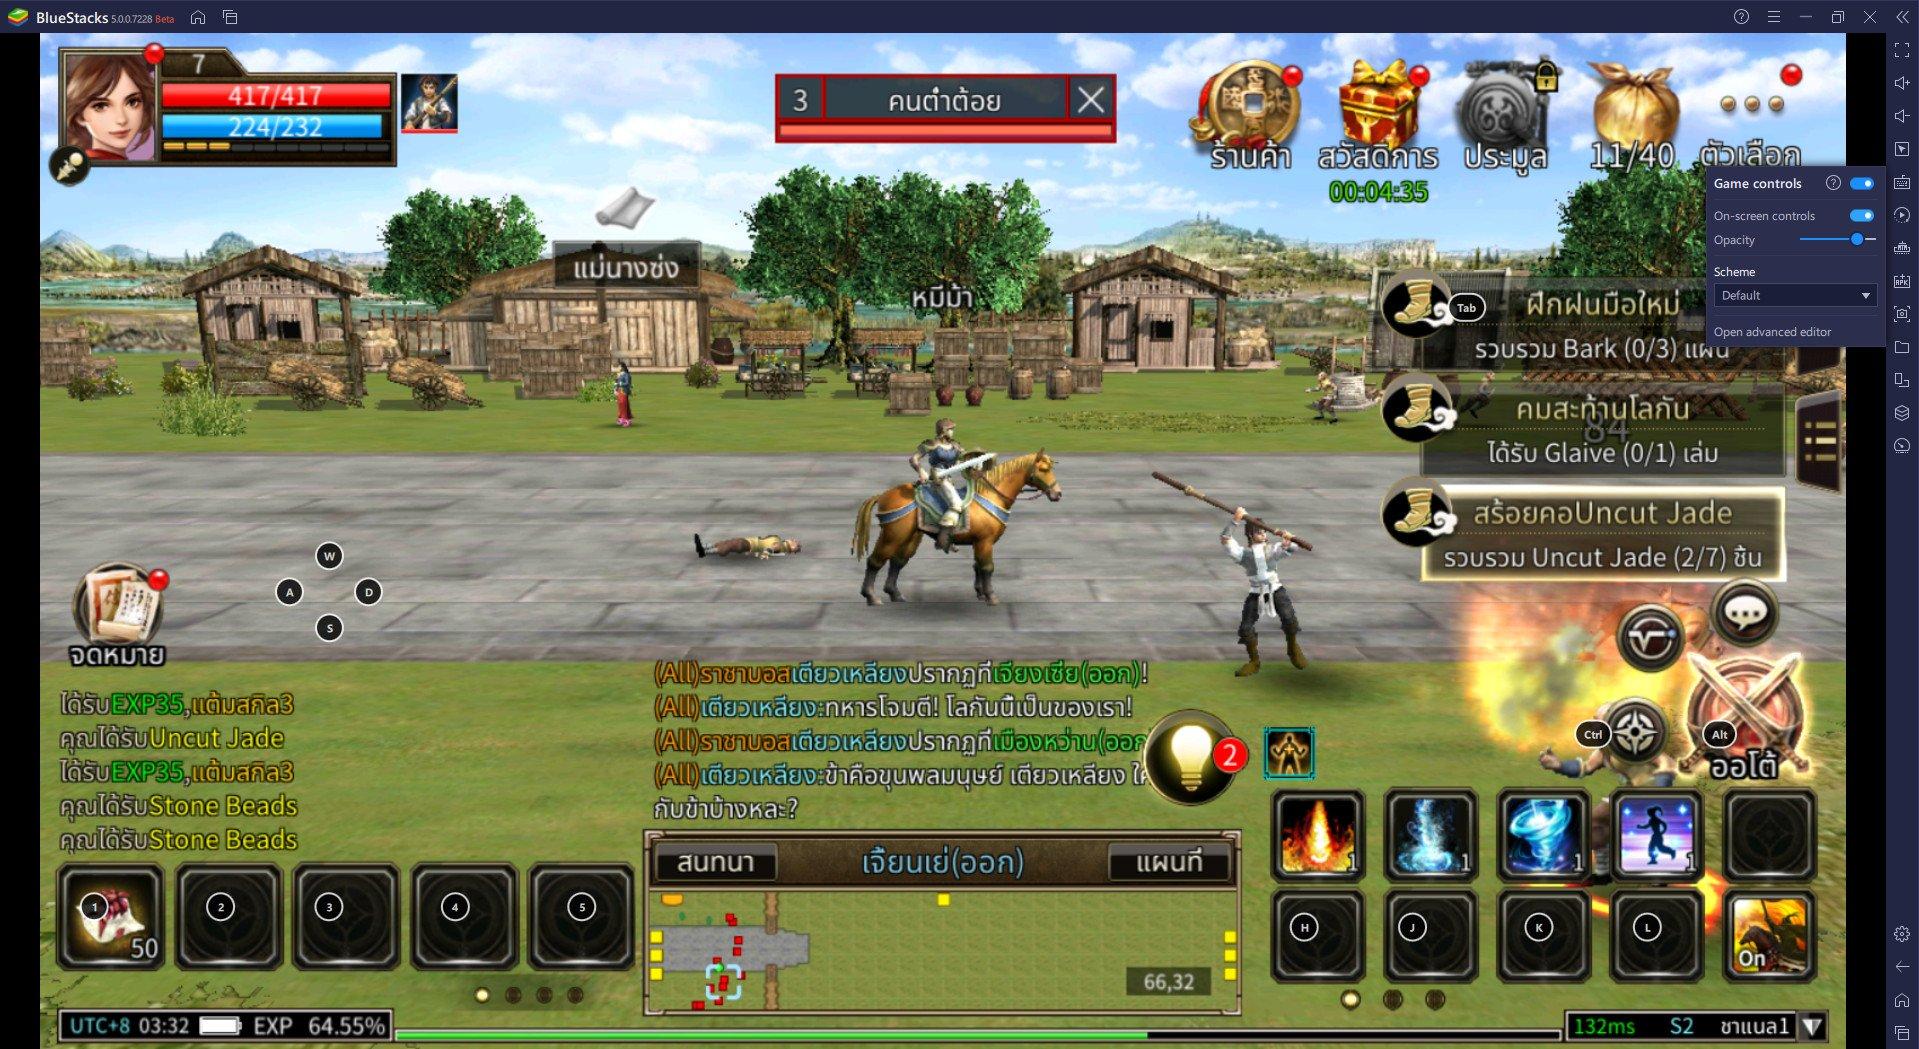 วิธีติดตั้ง Kingdom Heroes M บน PC และ Mac ผ่าน BlueStacks